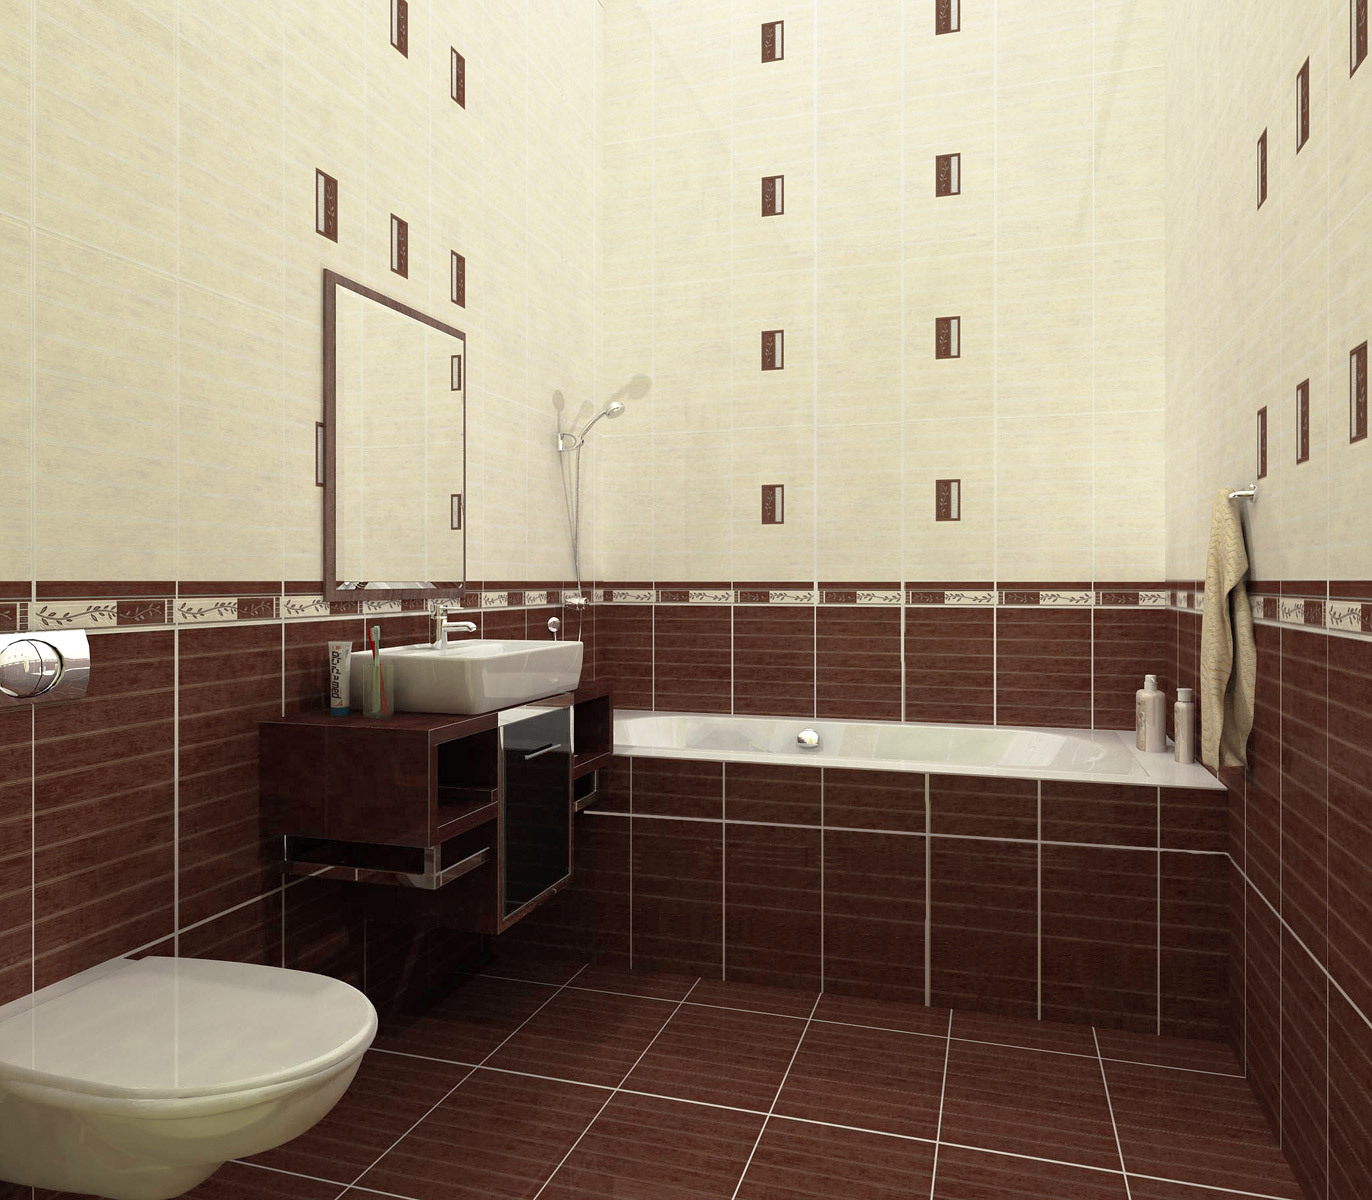 Классический дизайн плитки